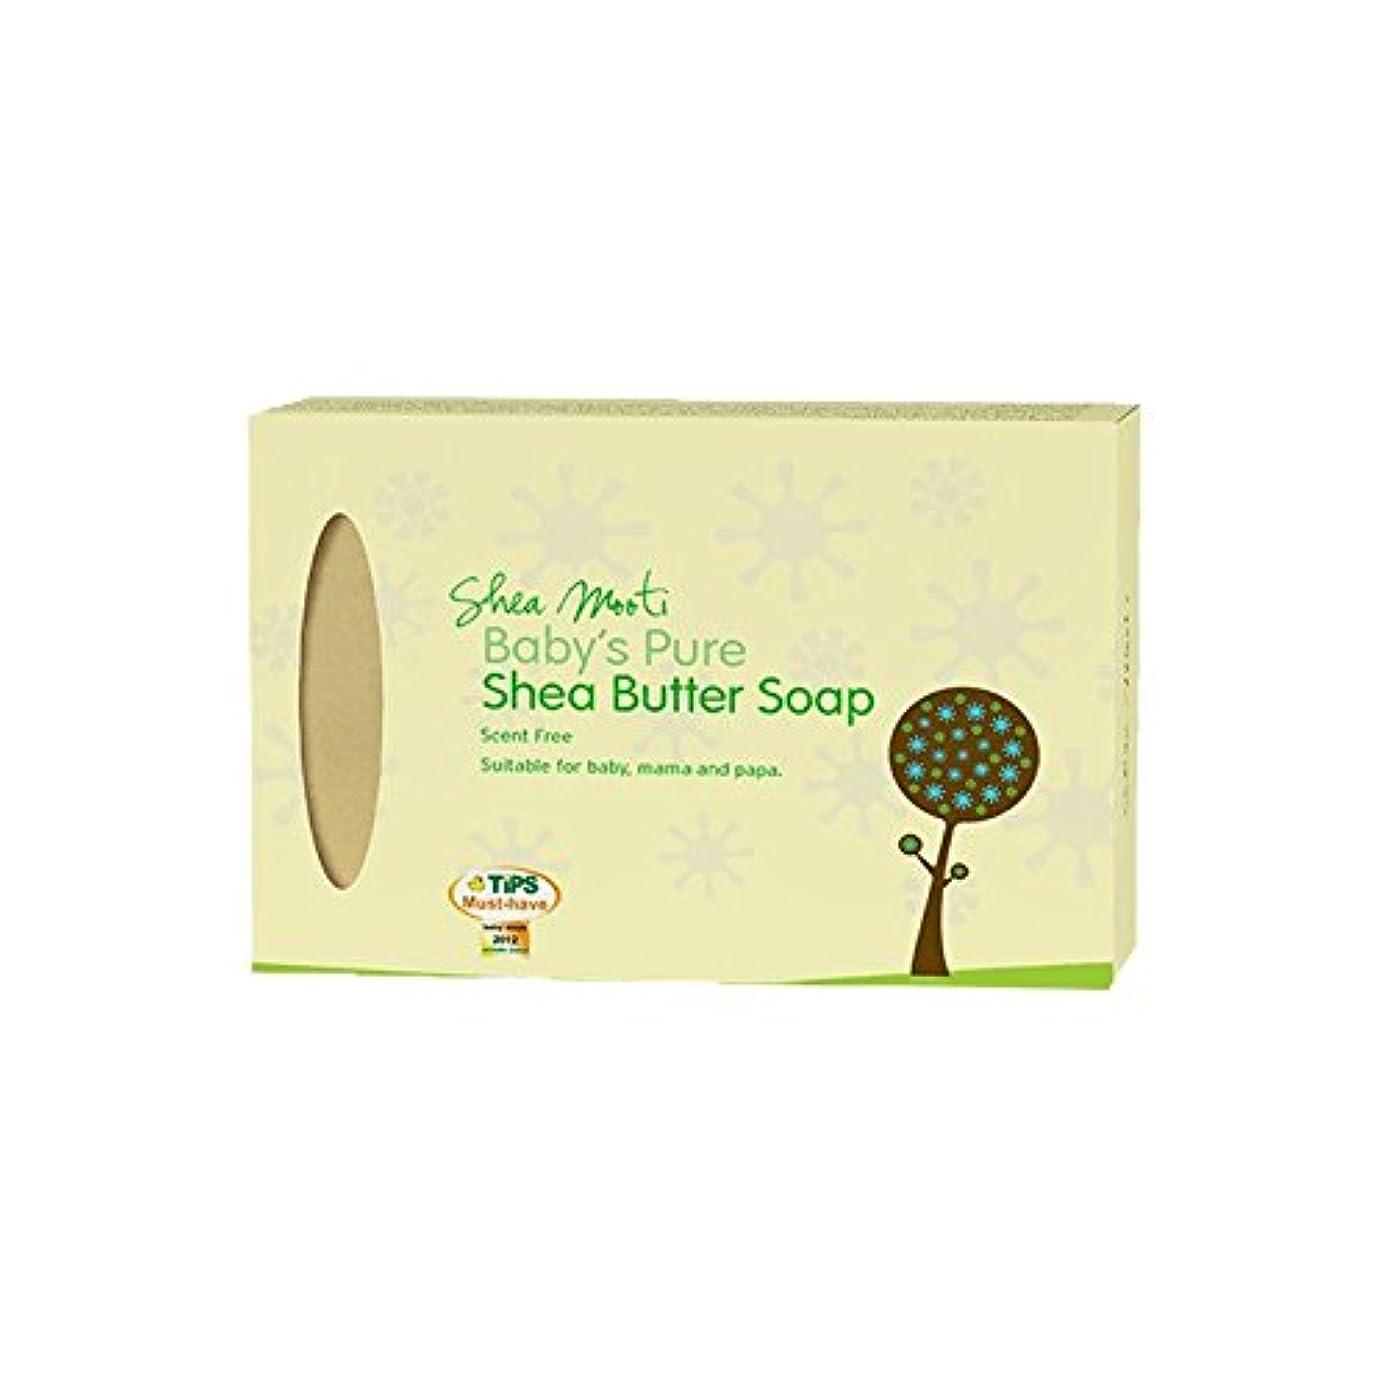 チャート広がりスパークShea Mooti Baby's Pure Shea Butter Soap Unscented 250ml (Pack of 2) - シアバターMooti赤ちゃんの純粋なシアバターソープ無香250ミリリットル (x2) [並行輸入品]